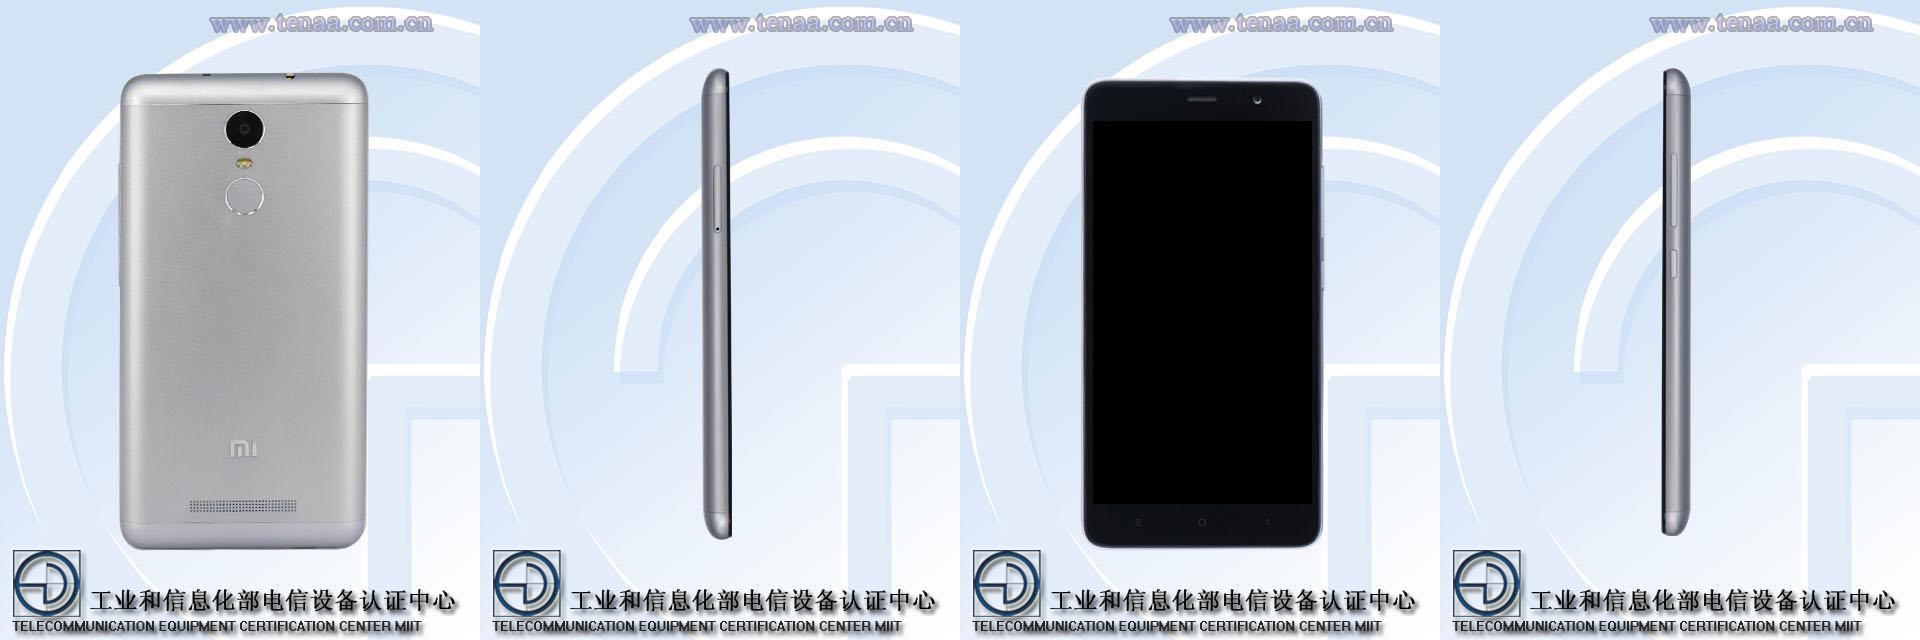 Xiaomi Redmi Note 2 Pro : des photos de la TENAA confirment le lecteur d'empreintes